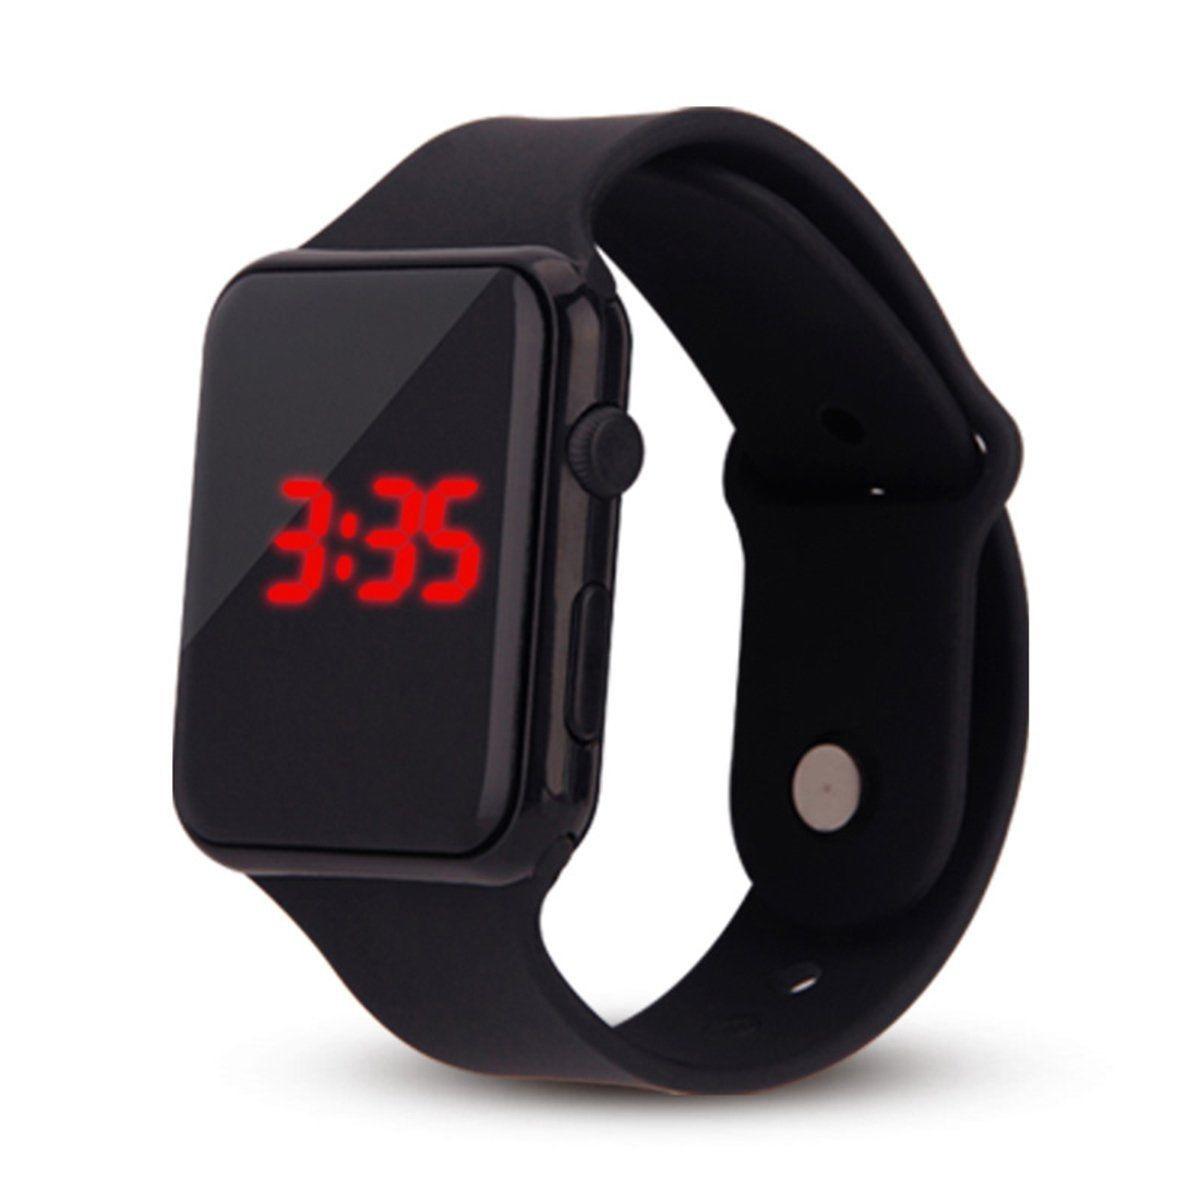 Realistisch 8 Farben Mode Led Sport Lauf Uhr Datum Silikon Armband Digitale Armbanduhr Sport Uhr Damen Herren Fitness Uhr Saat Kaufe Jetzt Herrenuhren